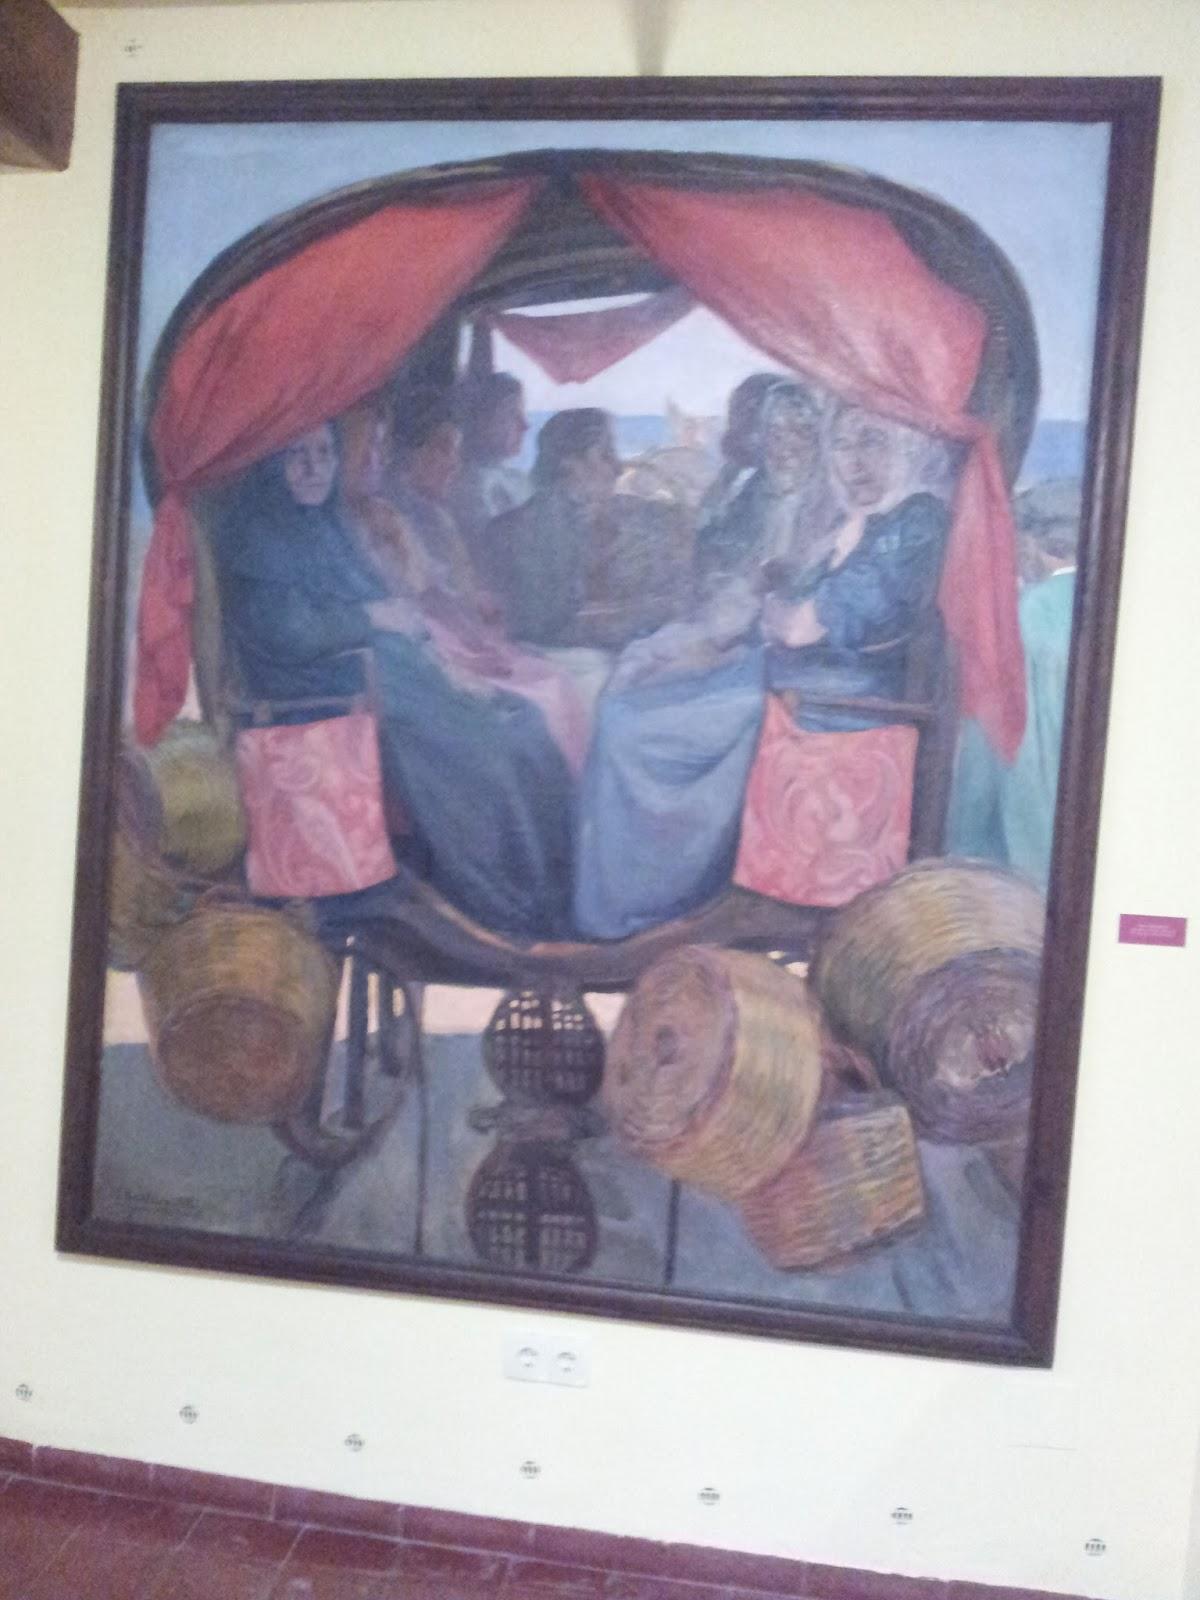 Horizons casa museo benlliure otro gran pintor valenciano - Pintor valenciano ...